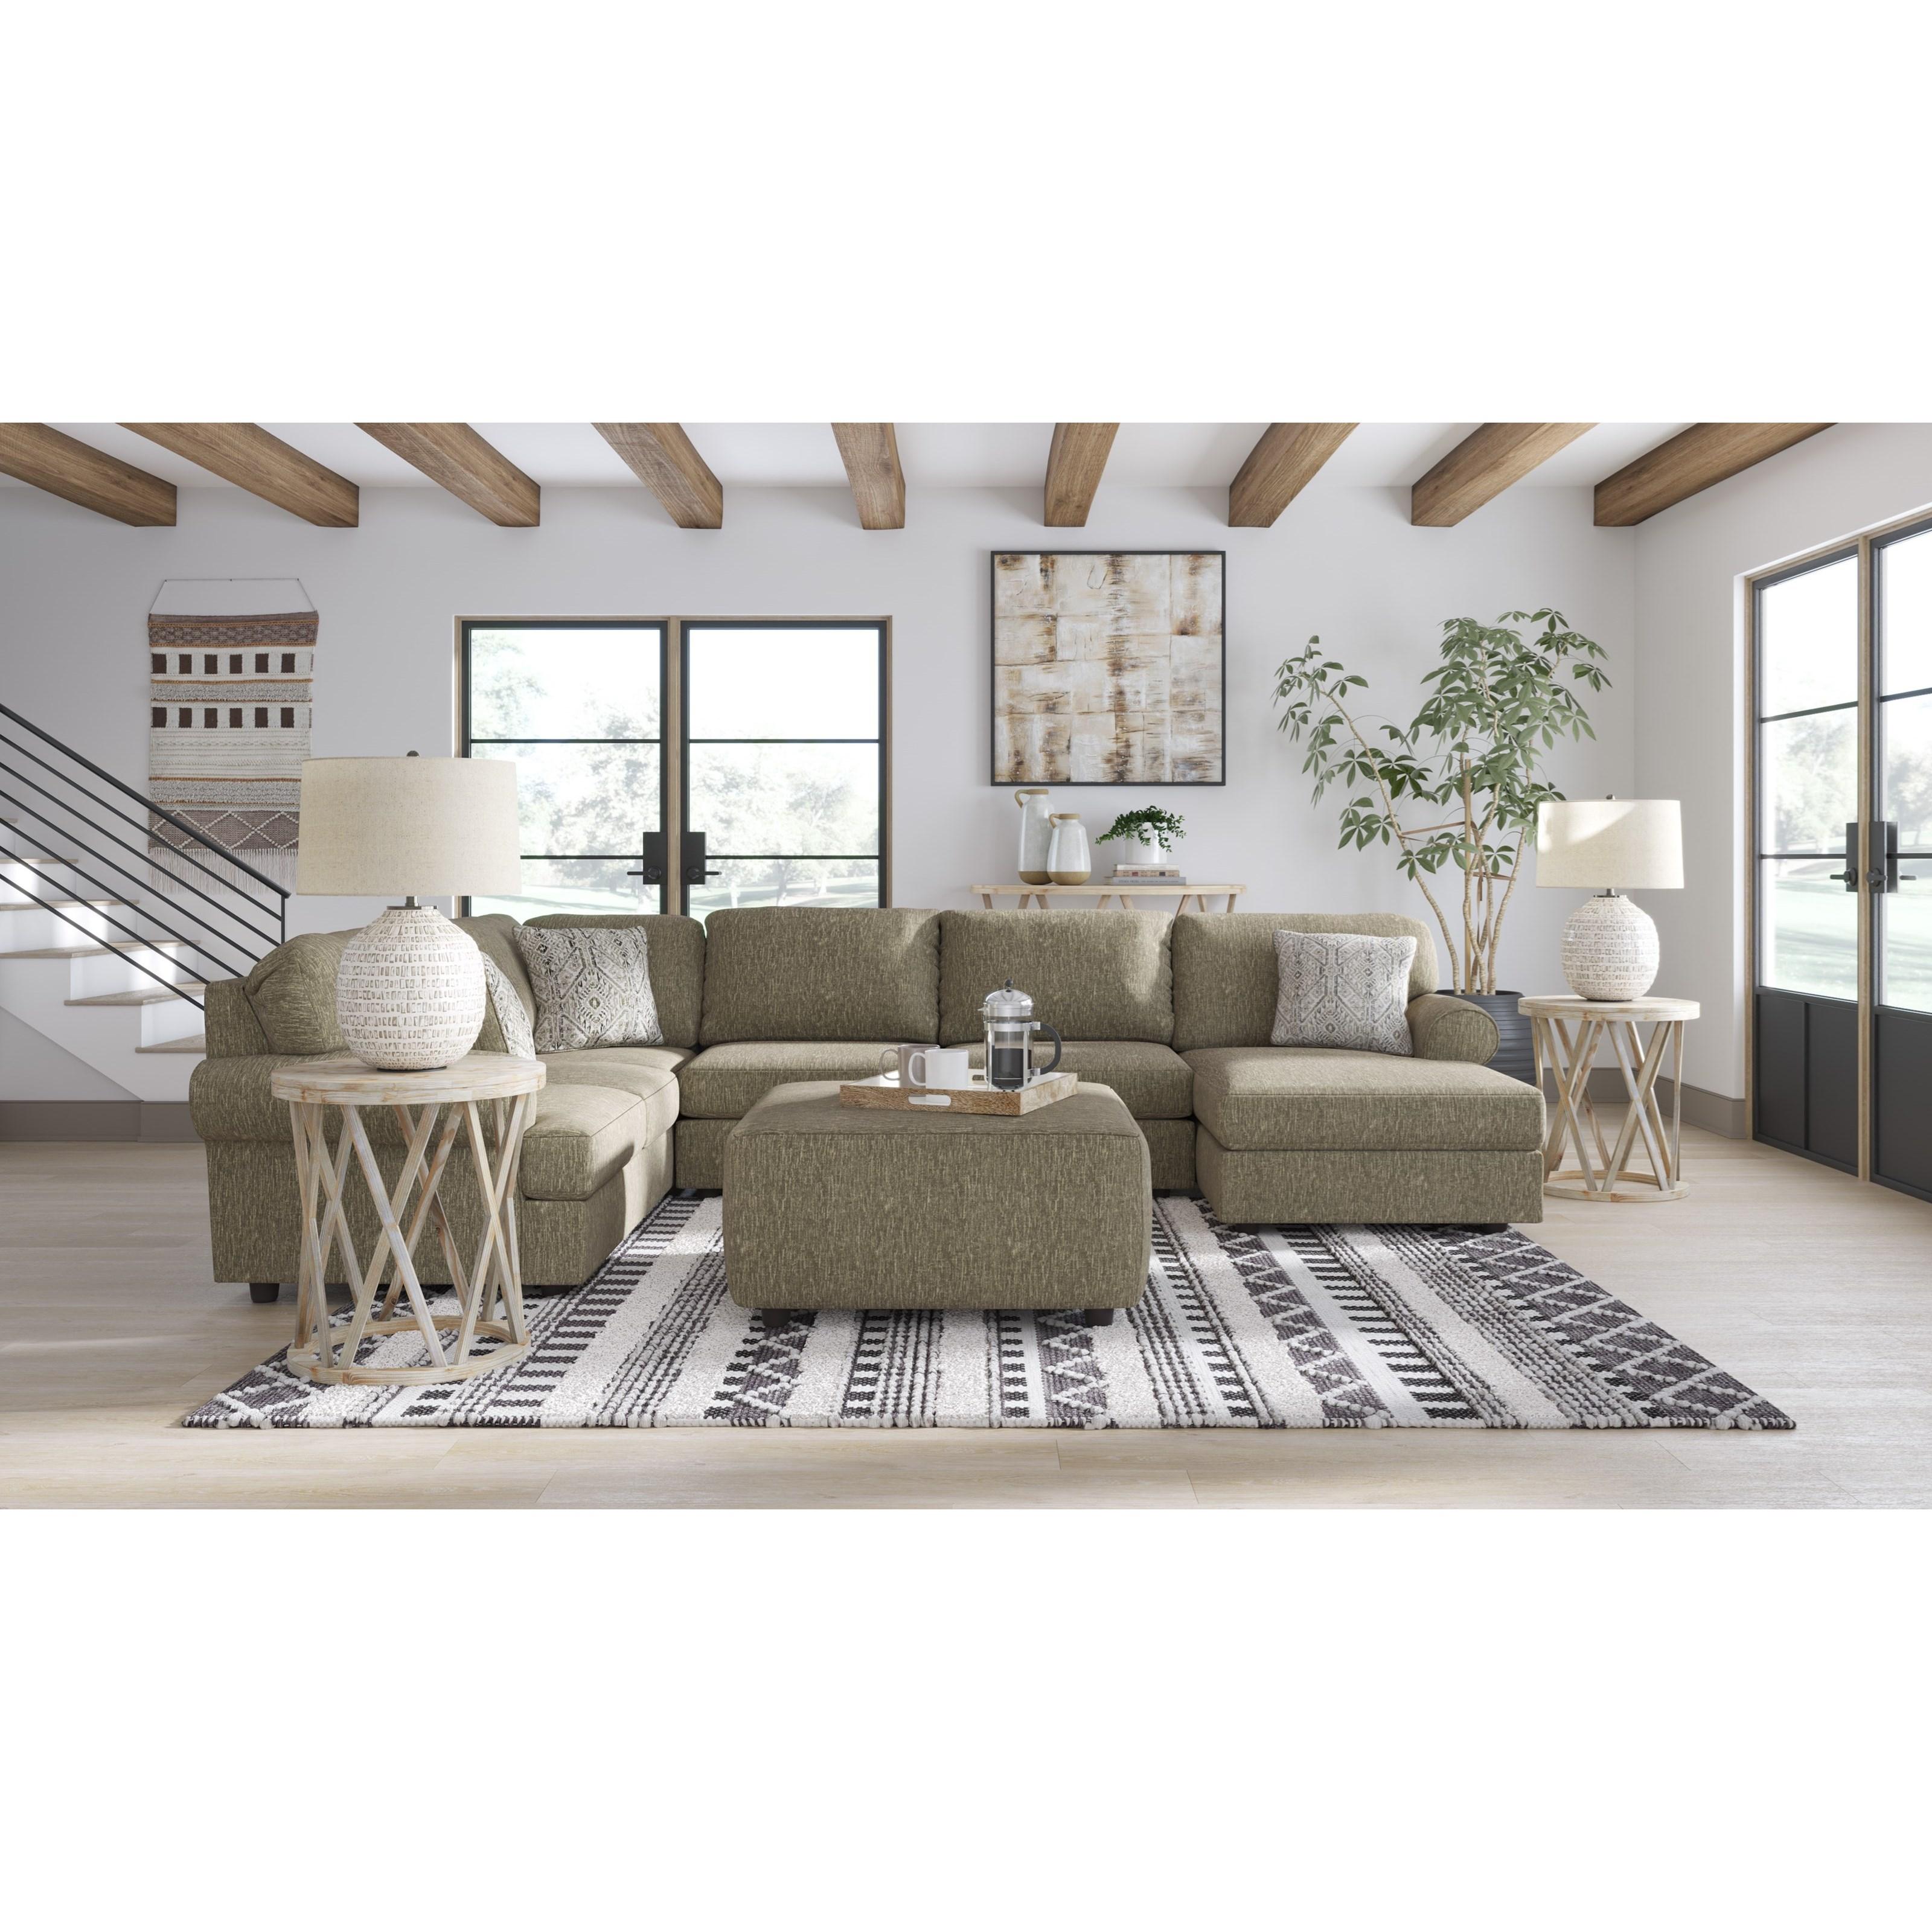 Hoylake Living Room Group by Ashley (Signature Design) at Johnny Janosik